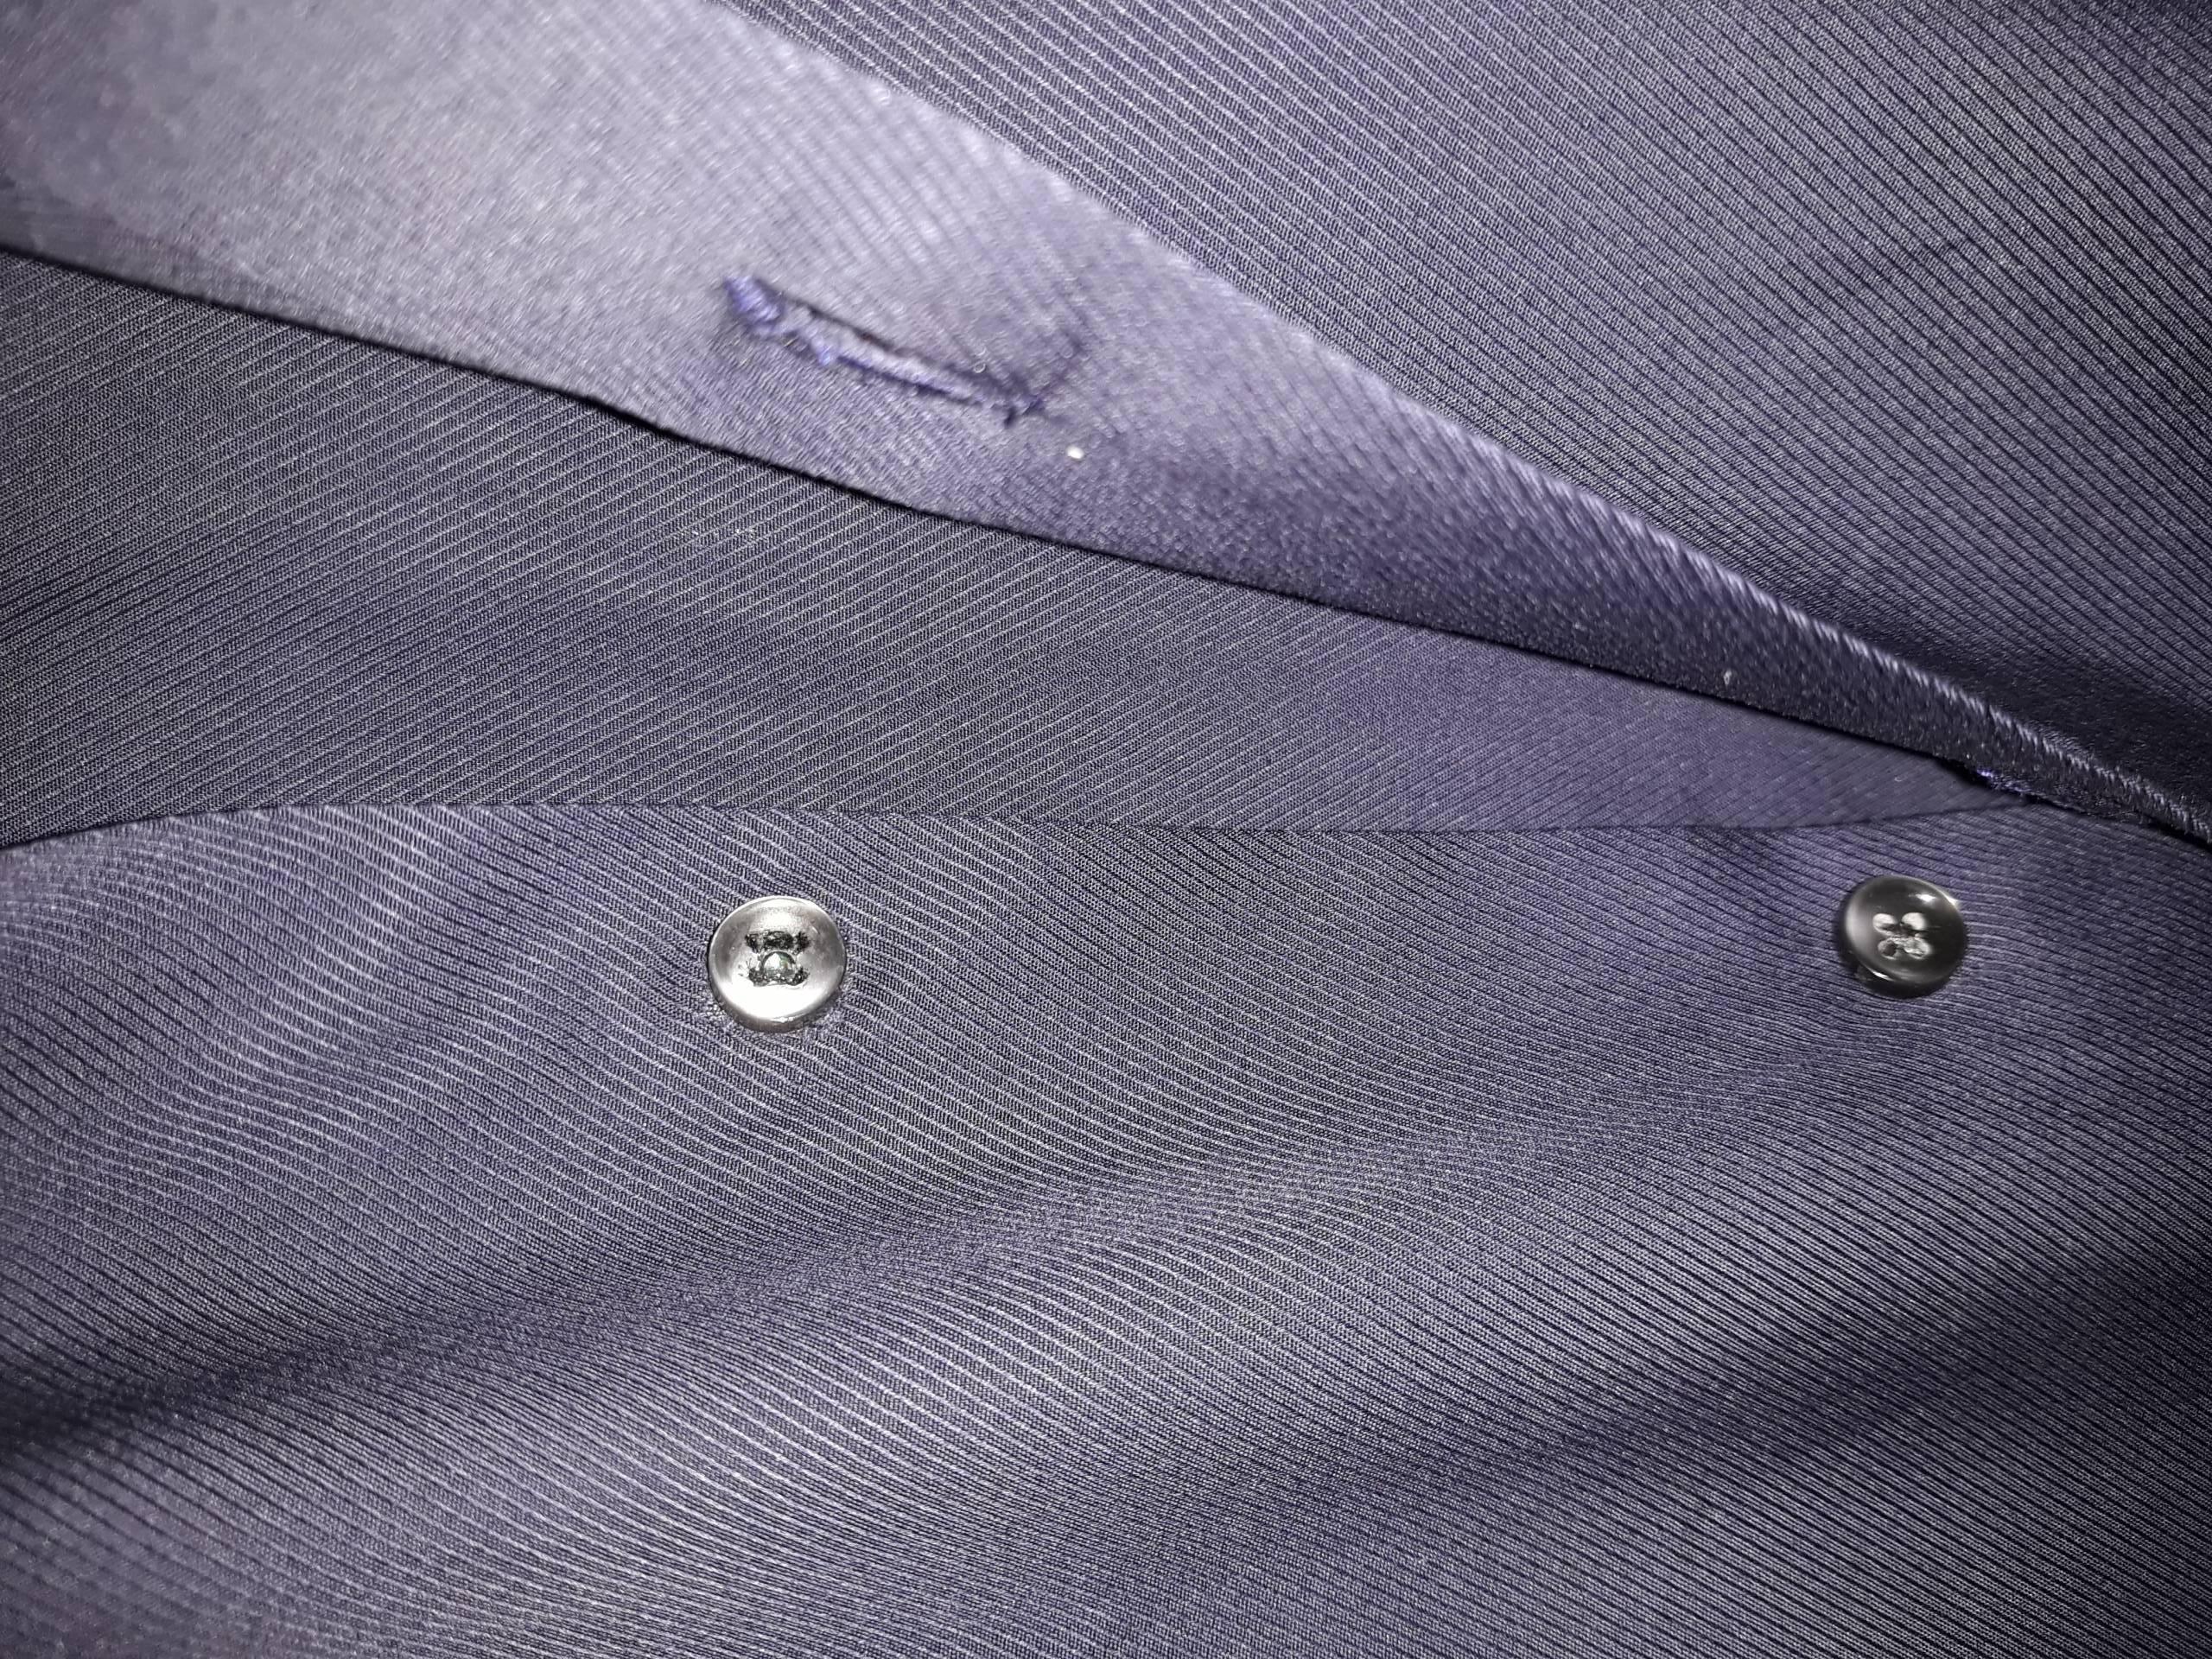 Camicia con telecamera FHD nascosta